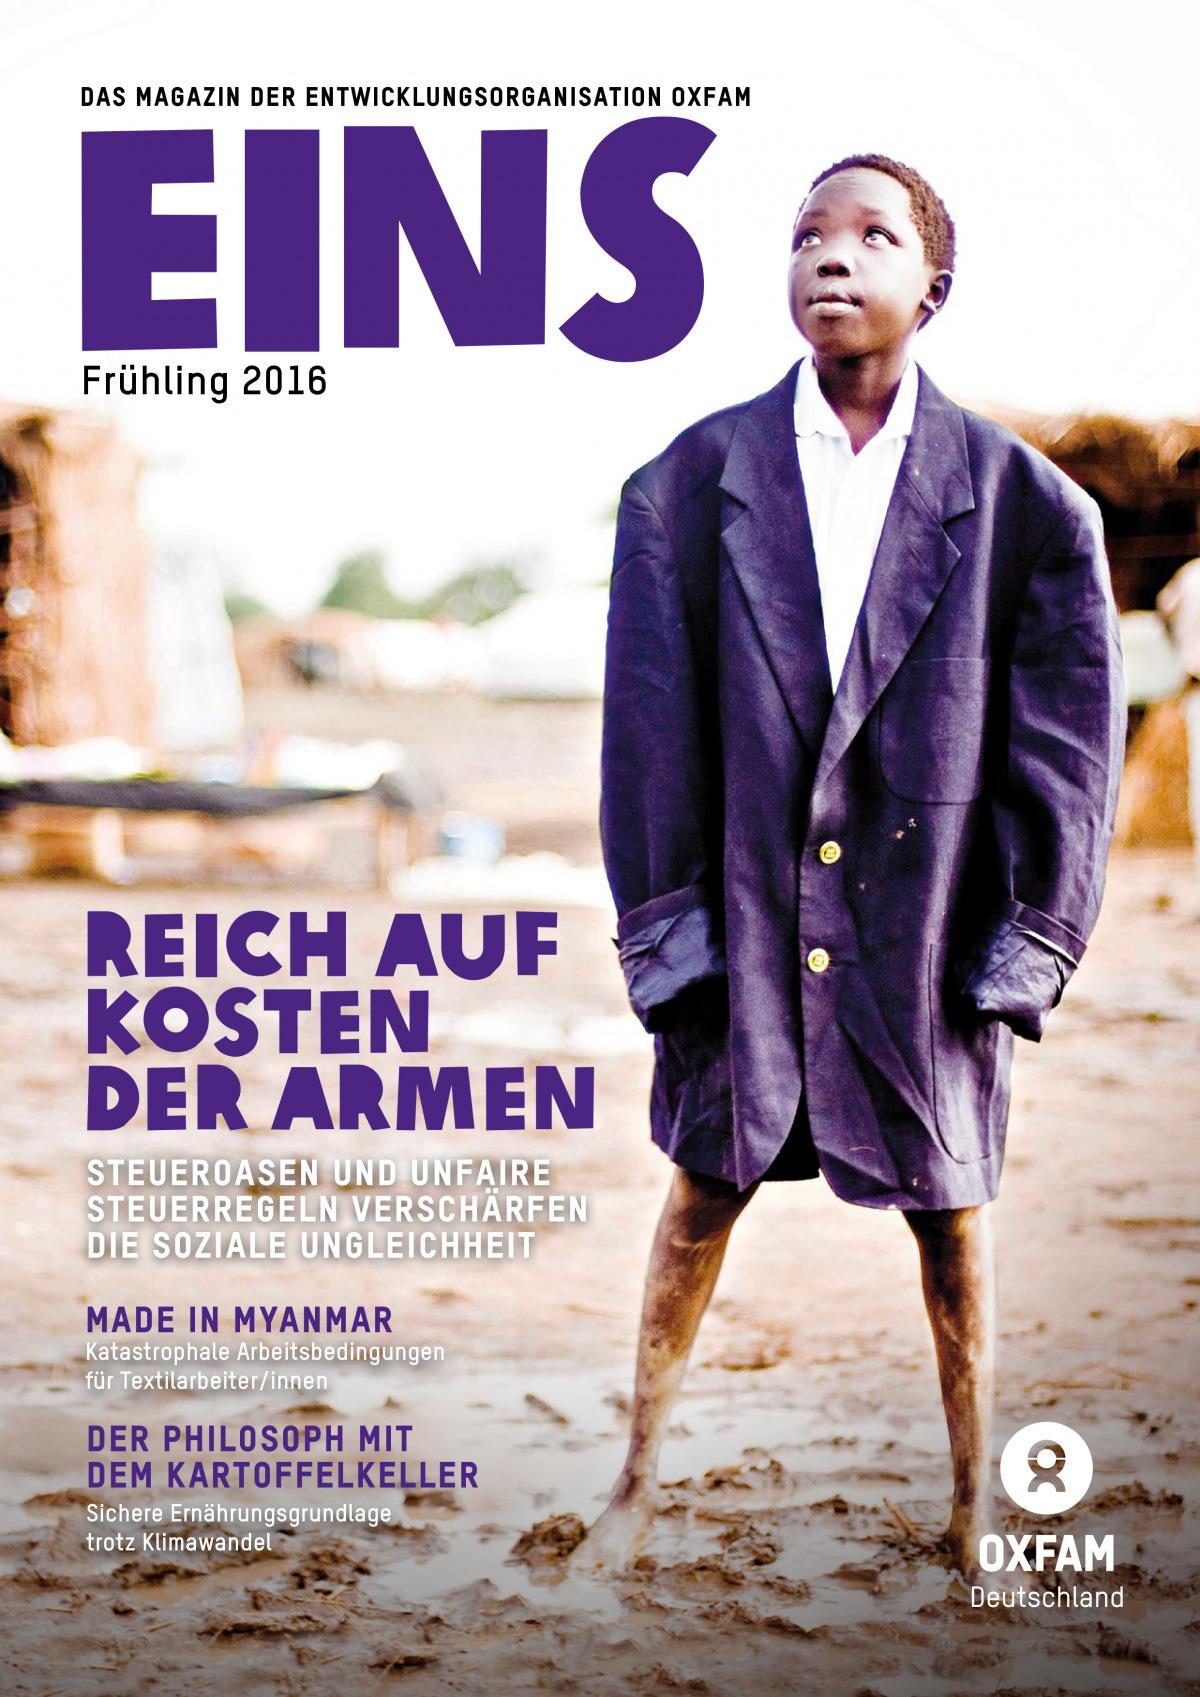 Titelbild vom Oxfam-Magazin EINS (Frühjahr 2016)